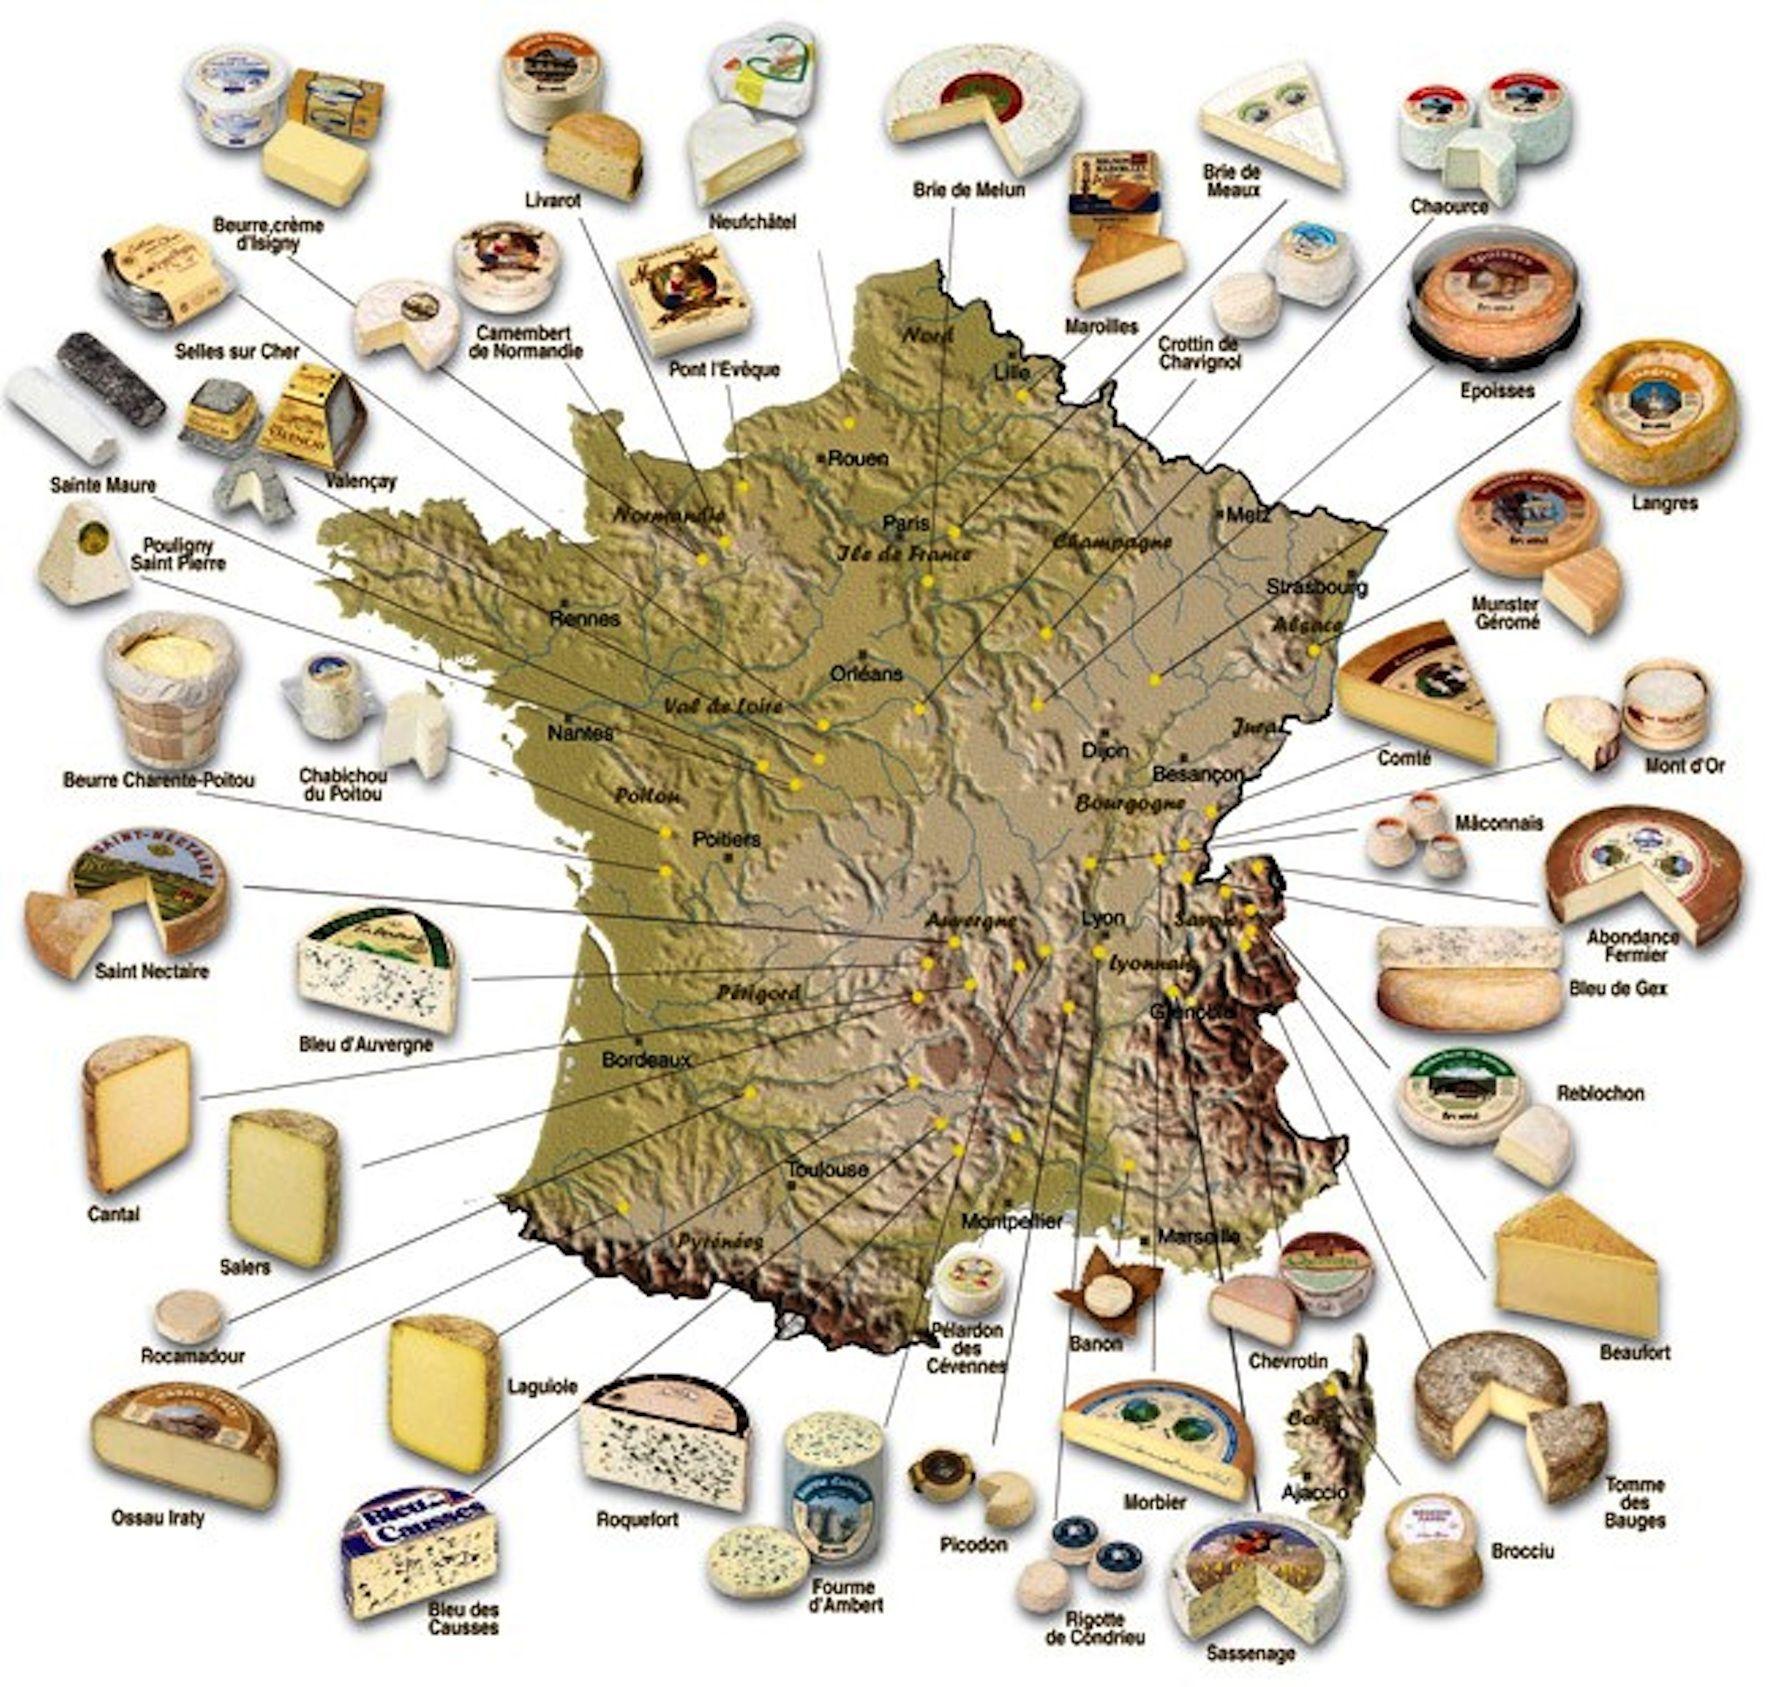 photos de fromages de france fromages de france. Black Bedroom Furniture Sets. Home Design Ideas